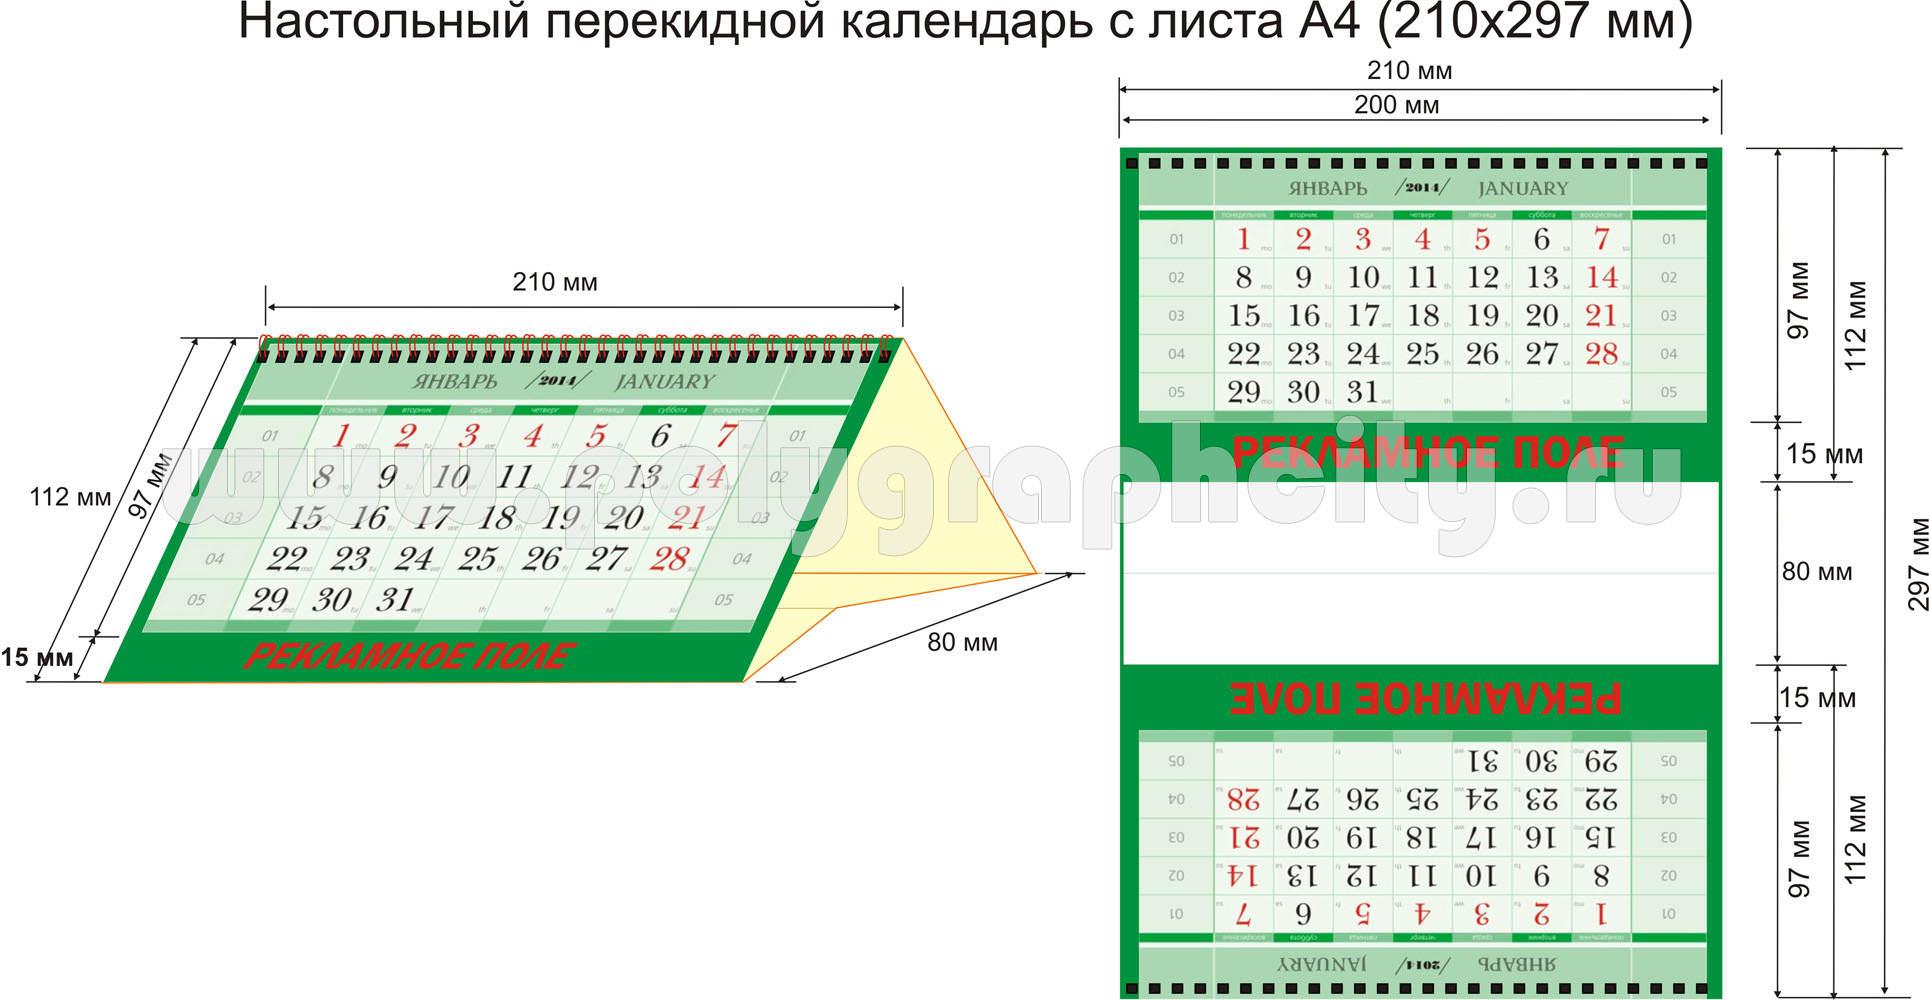 Календарь домиком на 2016 год для печати